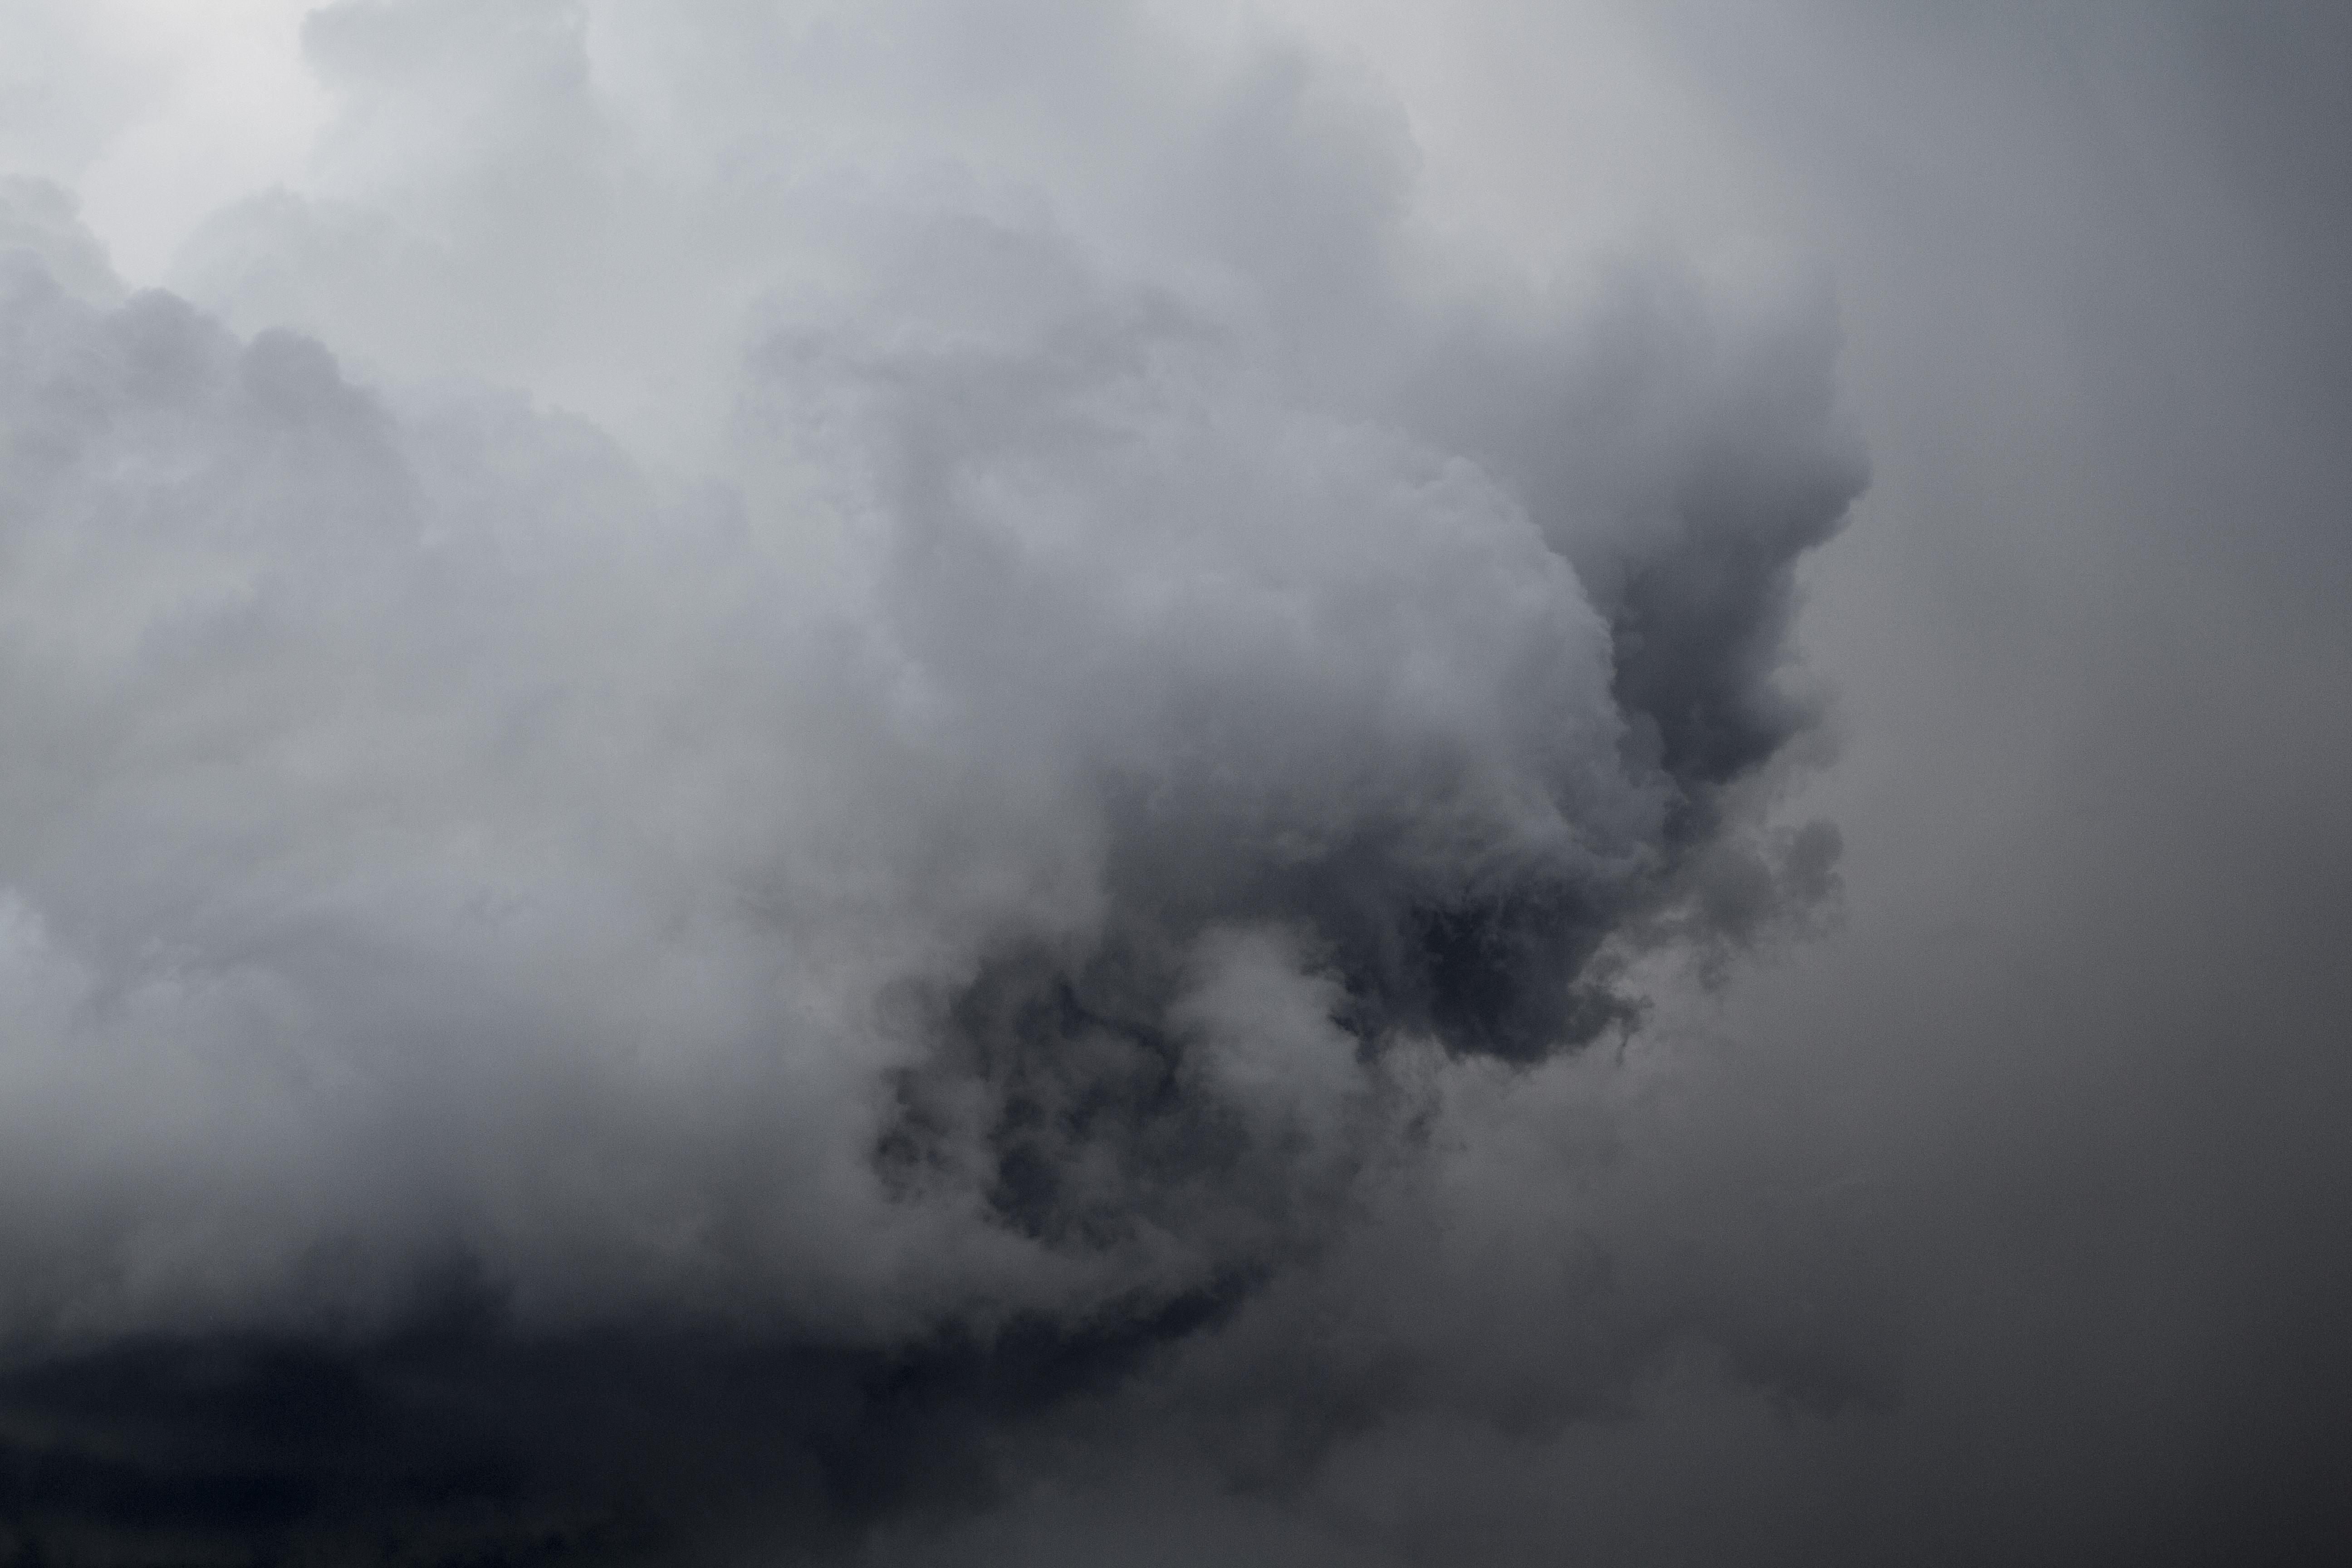 Devils Cloud